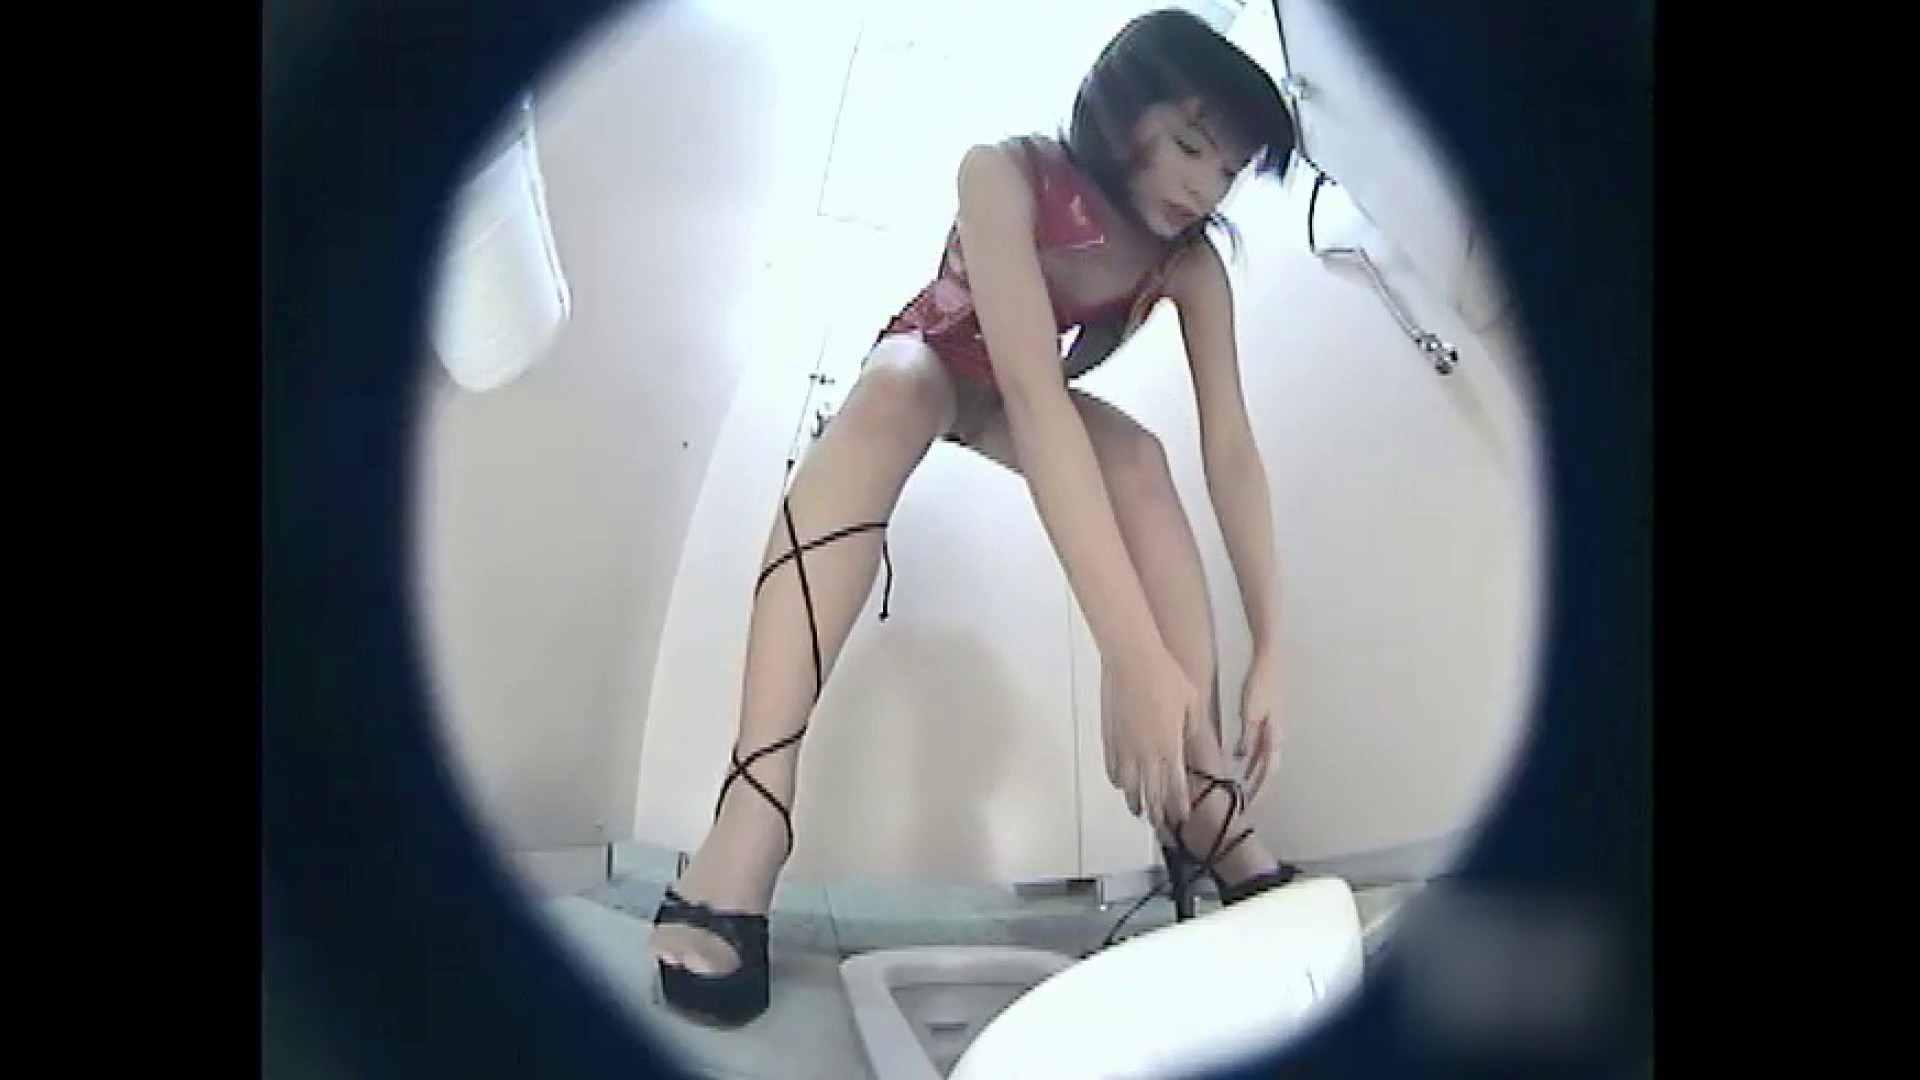 レースクィーントイレ盗撮!Vol.03 ギャルヌード AV無料動画キャプチャ 109画像 70